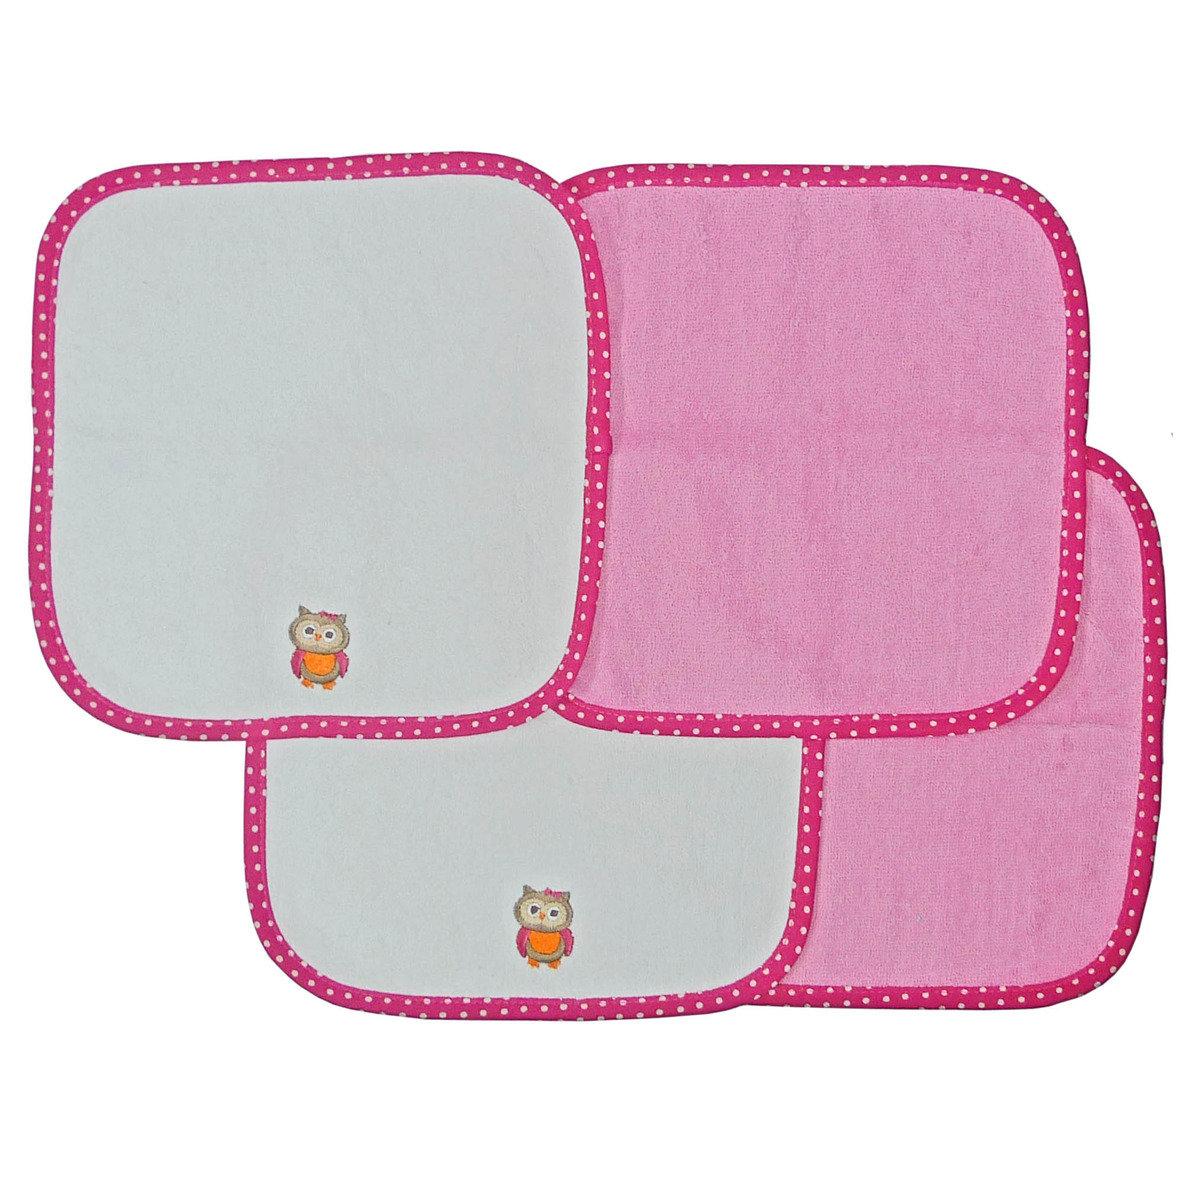 貓頭鷹小浴巾 (4條裝)